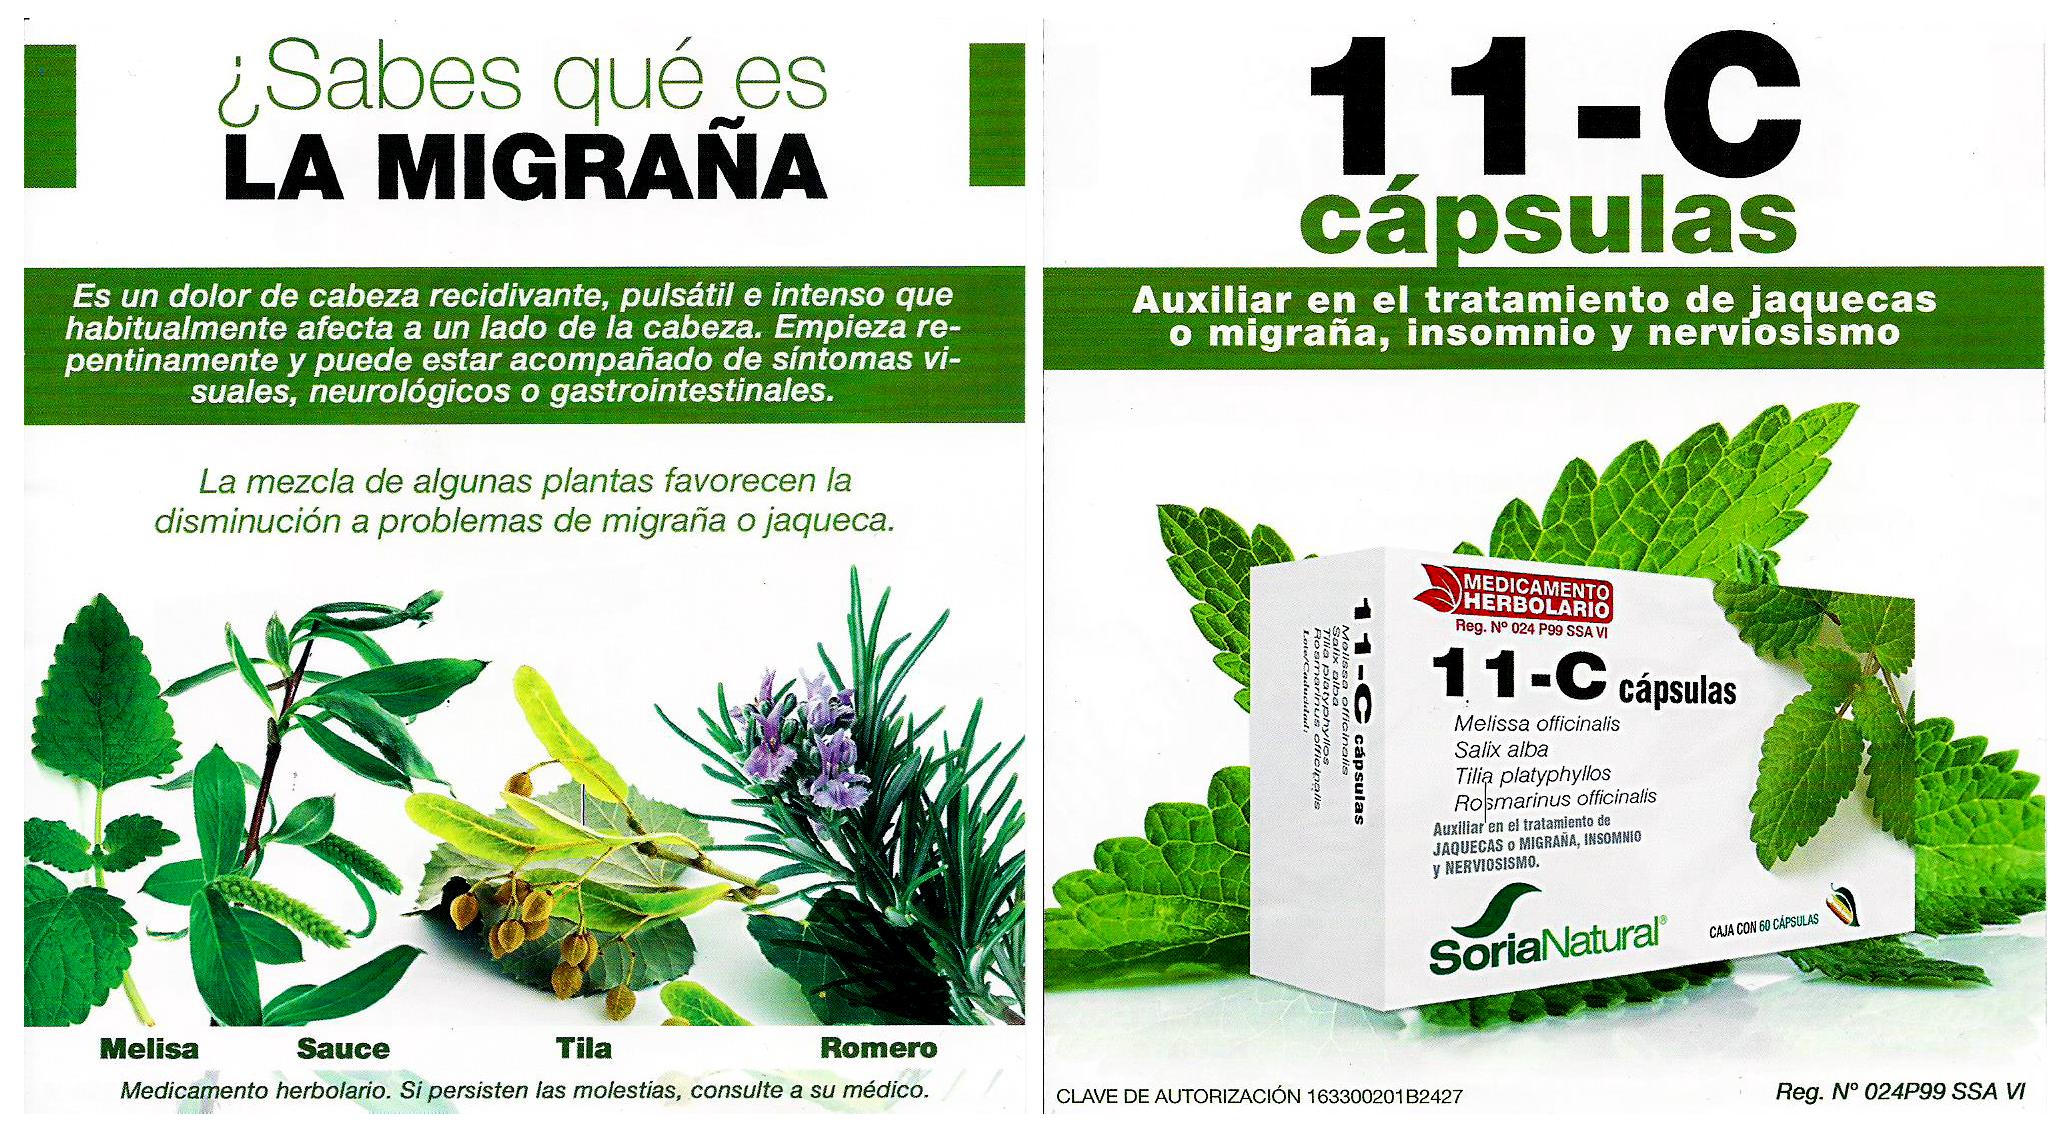 flyers-impresos-guadalupana-1-dic-160003y4